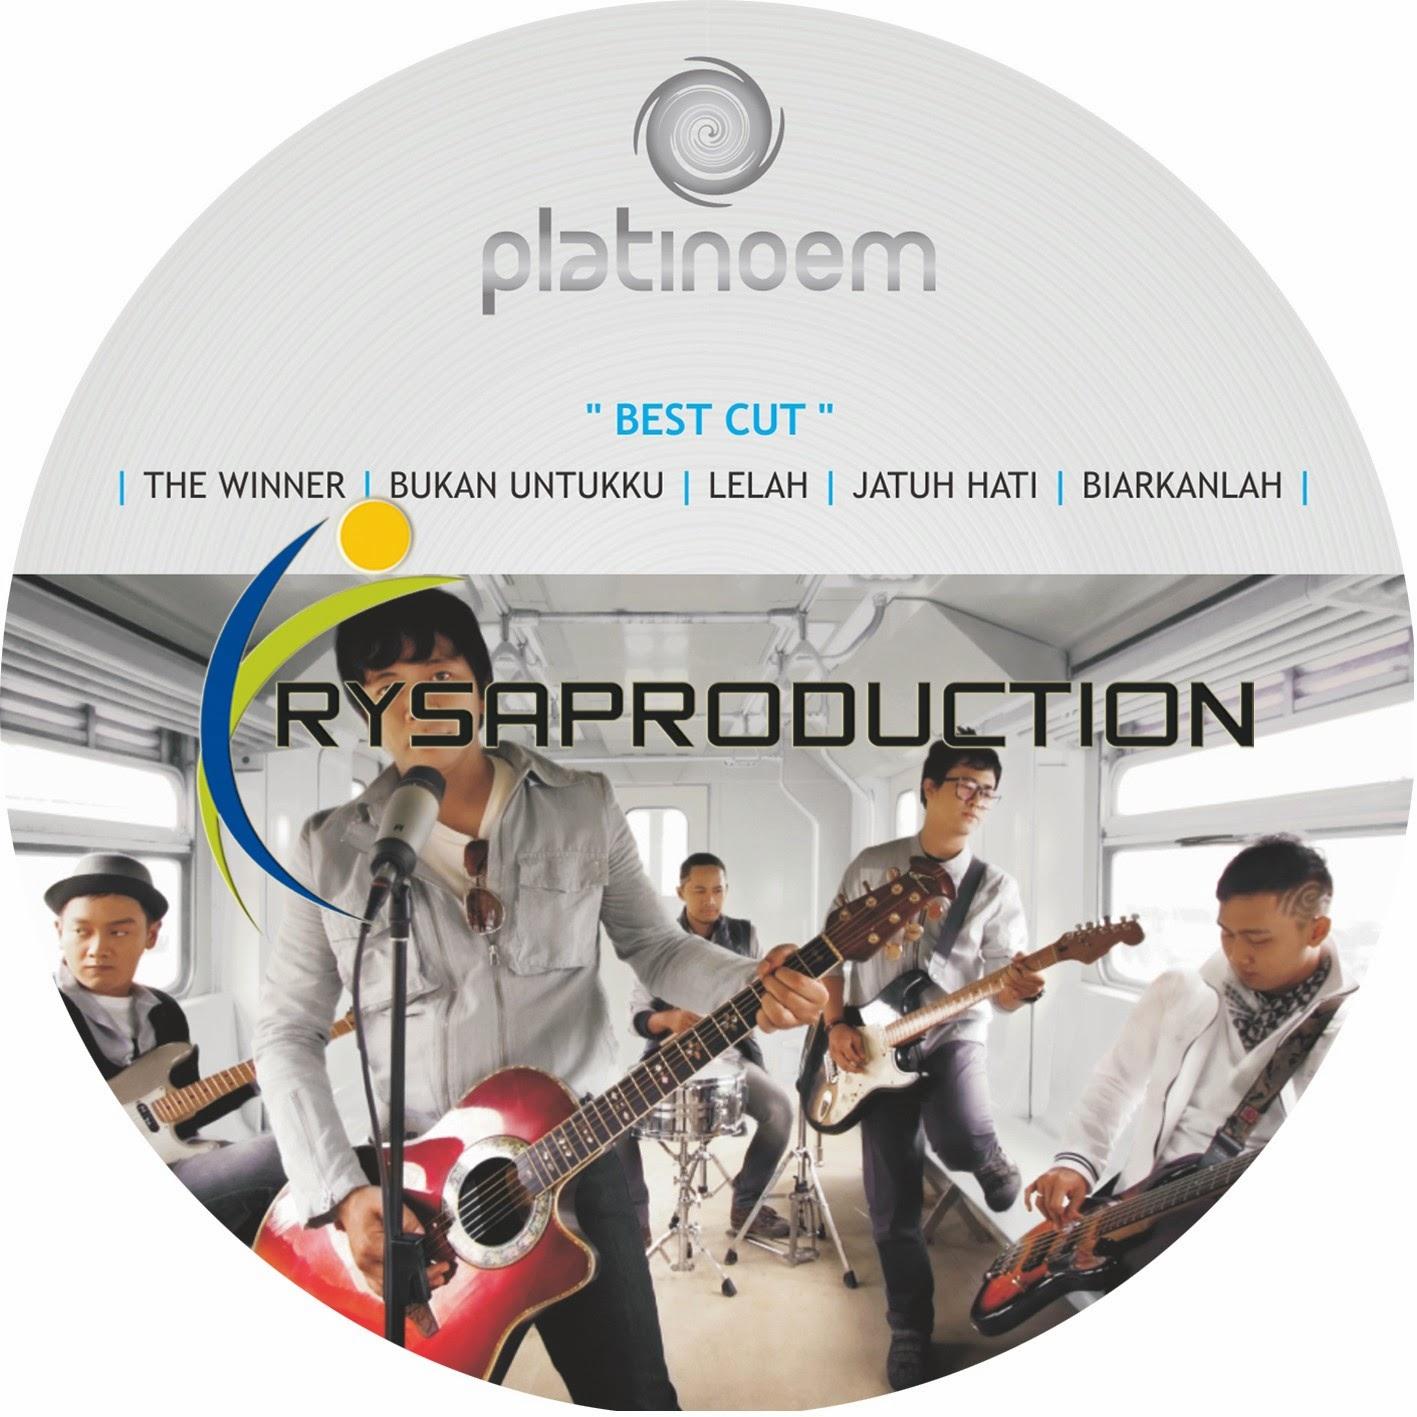 Band Indie Platinoem